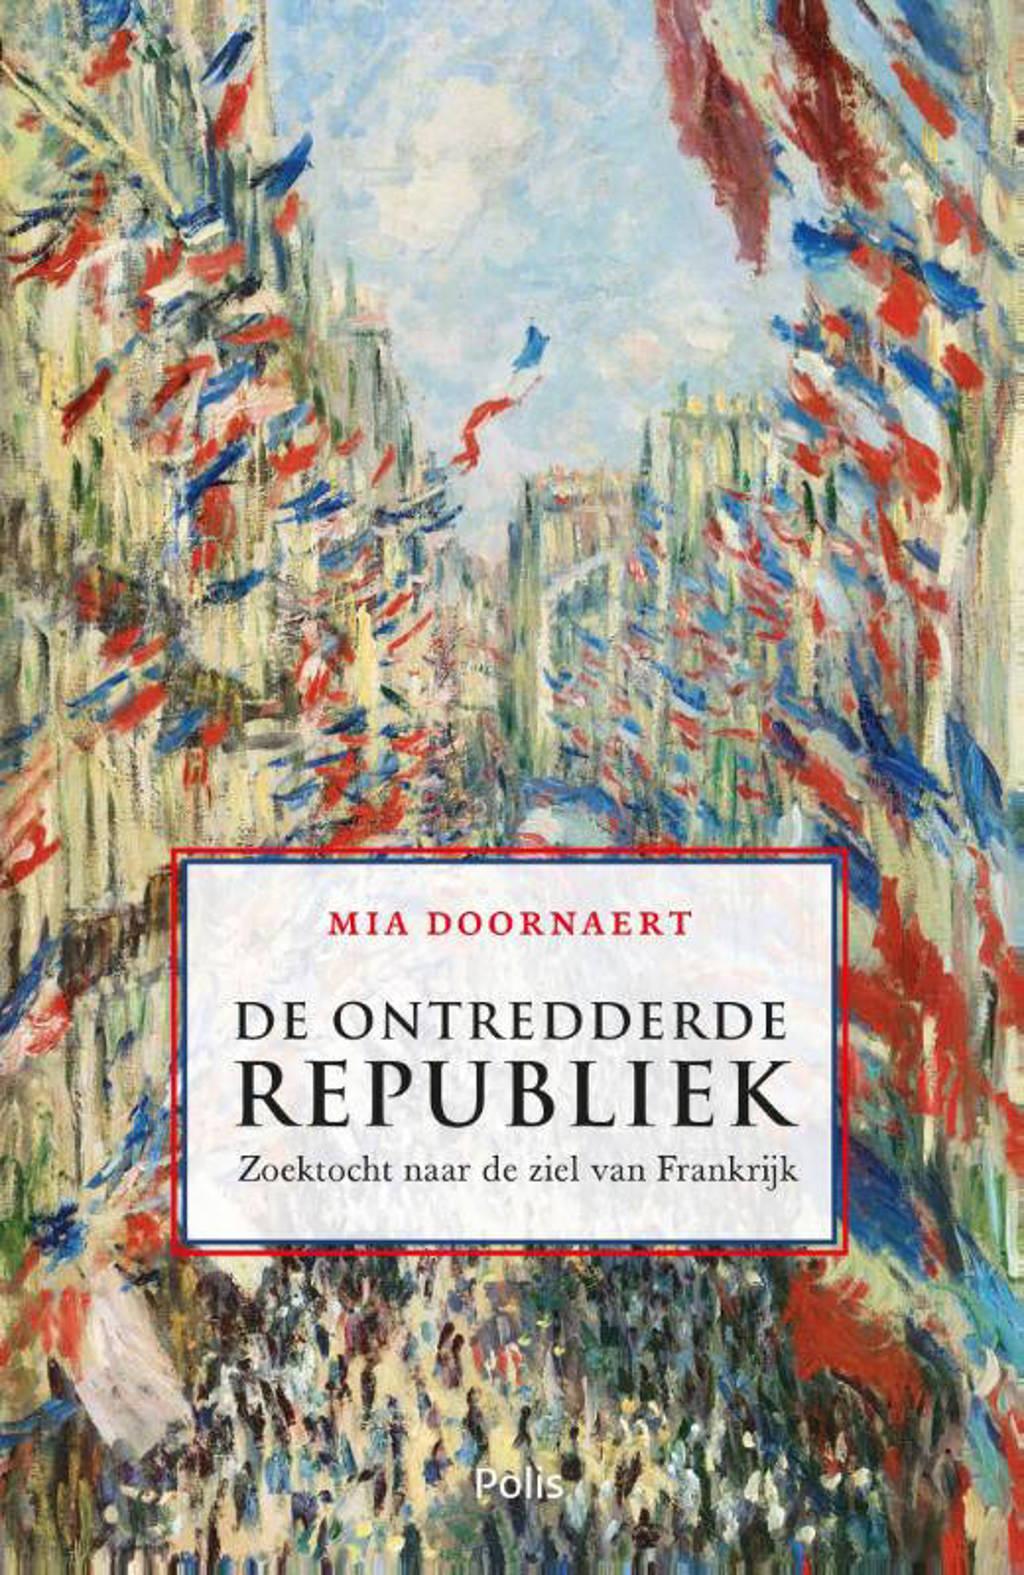 De ontredderde republiek - Mia Doornaert